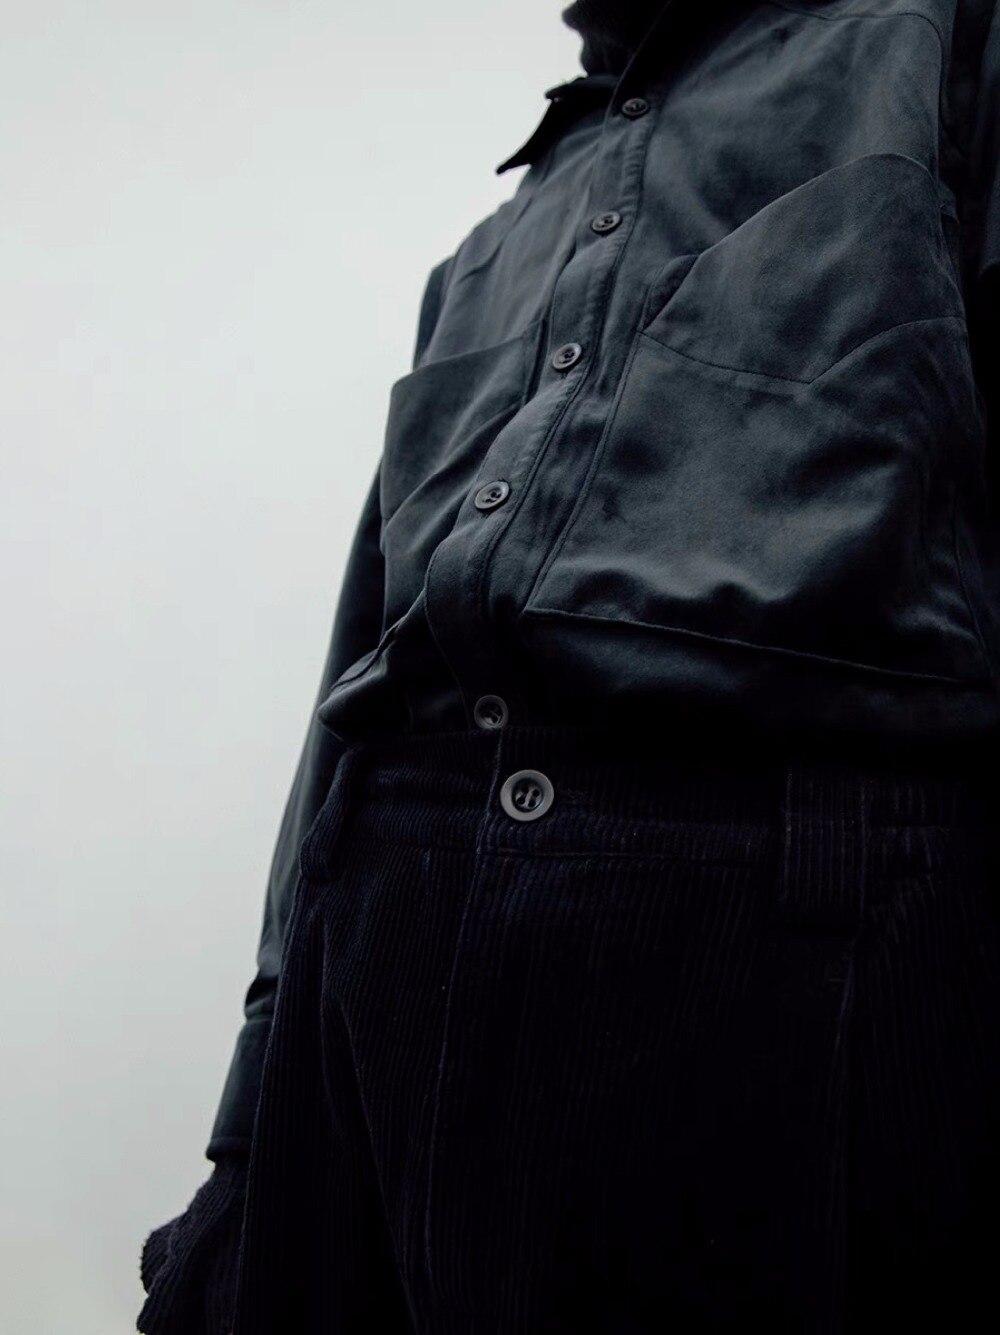 Mince La Longues Blanc Mâle À 6xl Plus Noir Scène S Chanteur Costumes Chemise Poche Pour Manches Taille Vêtements Hommes Mode De 2019 Nouvelle a8pq80g